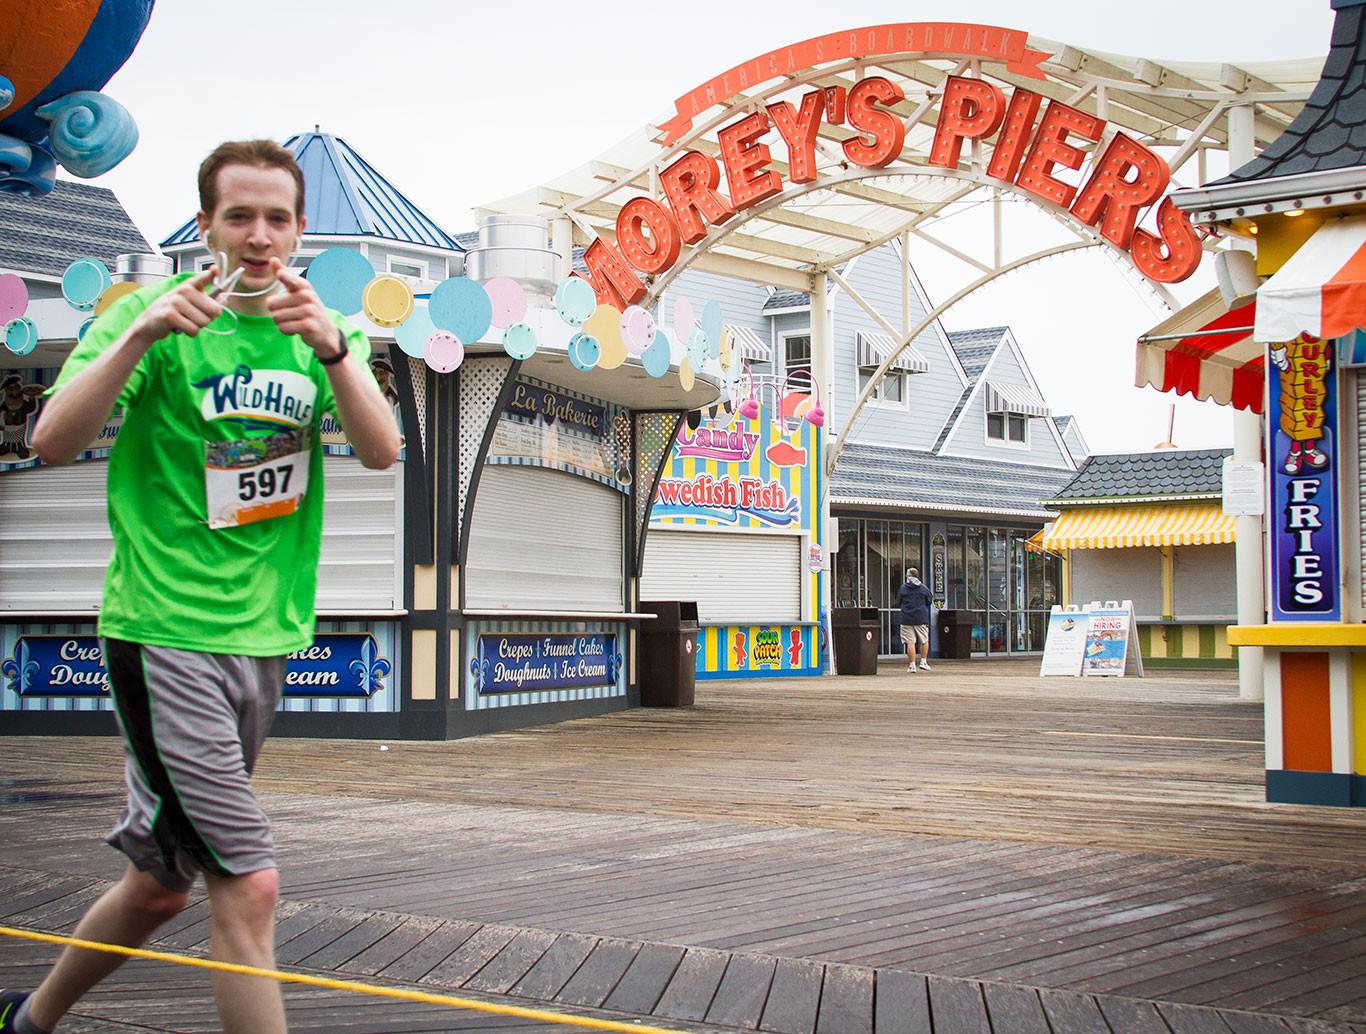 TWH - pier run